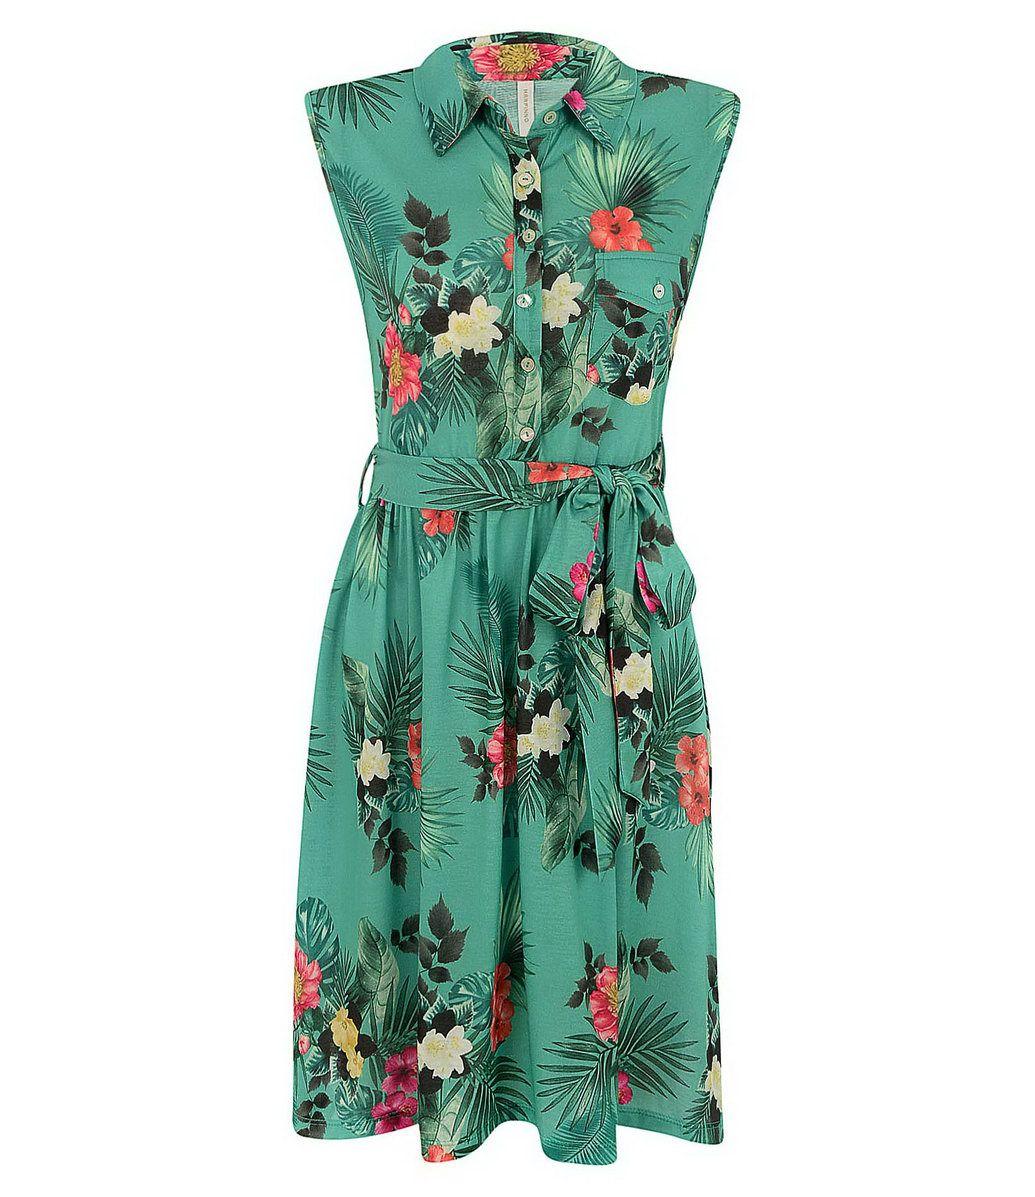 20f9143bd Vestido viscose modelo sem manga, estampa floral e abotoamento frontal com  faixa na cintura para amarração. Composição: 100% Viscose.